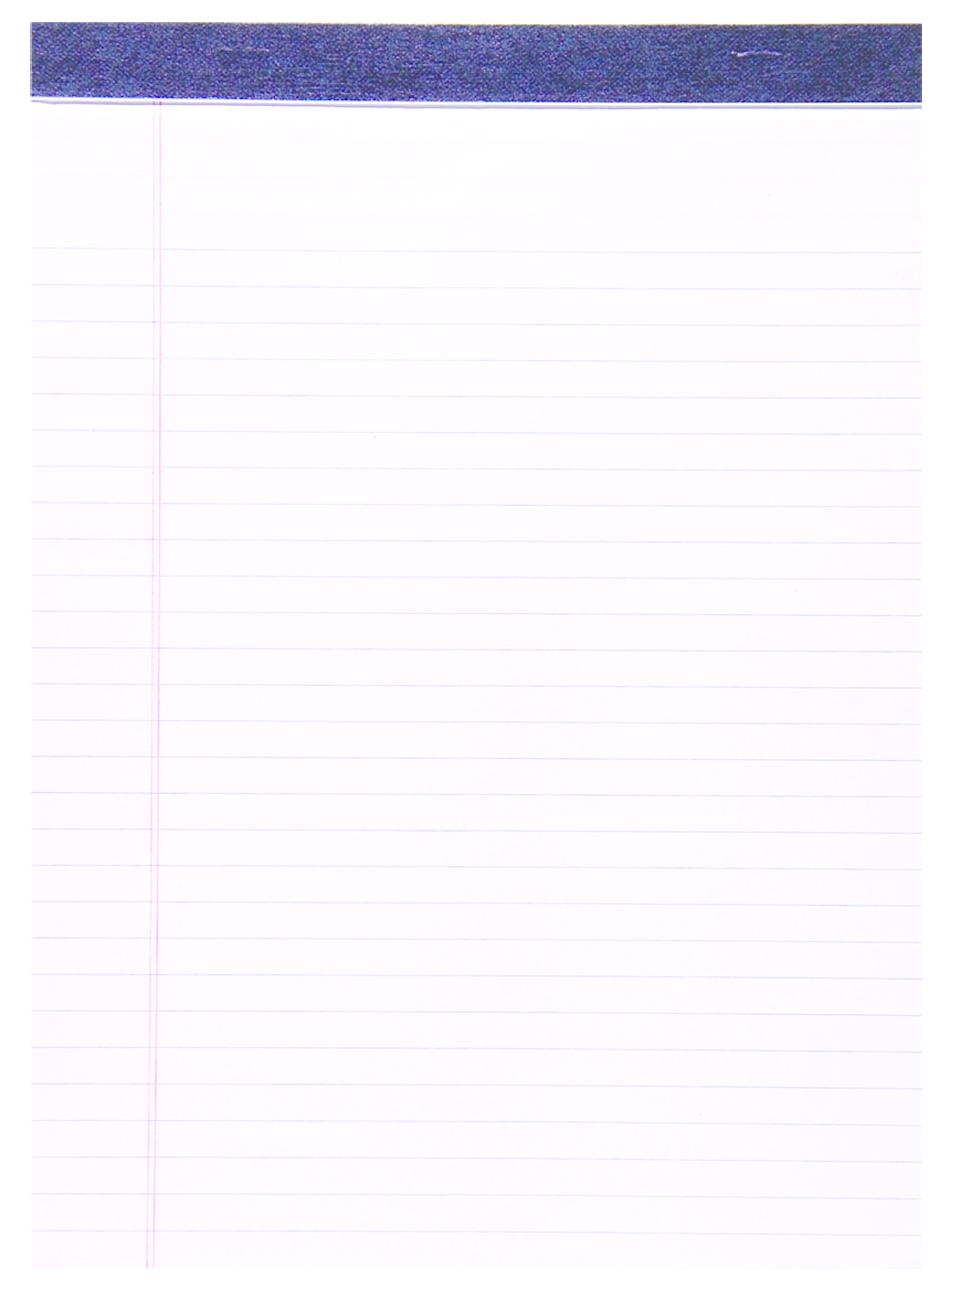 Roaring Spring Legal Pad - White 8.5x11.75in 50Sht Bulk Letter